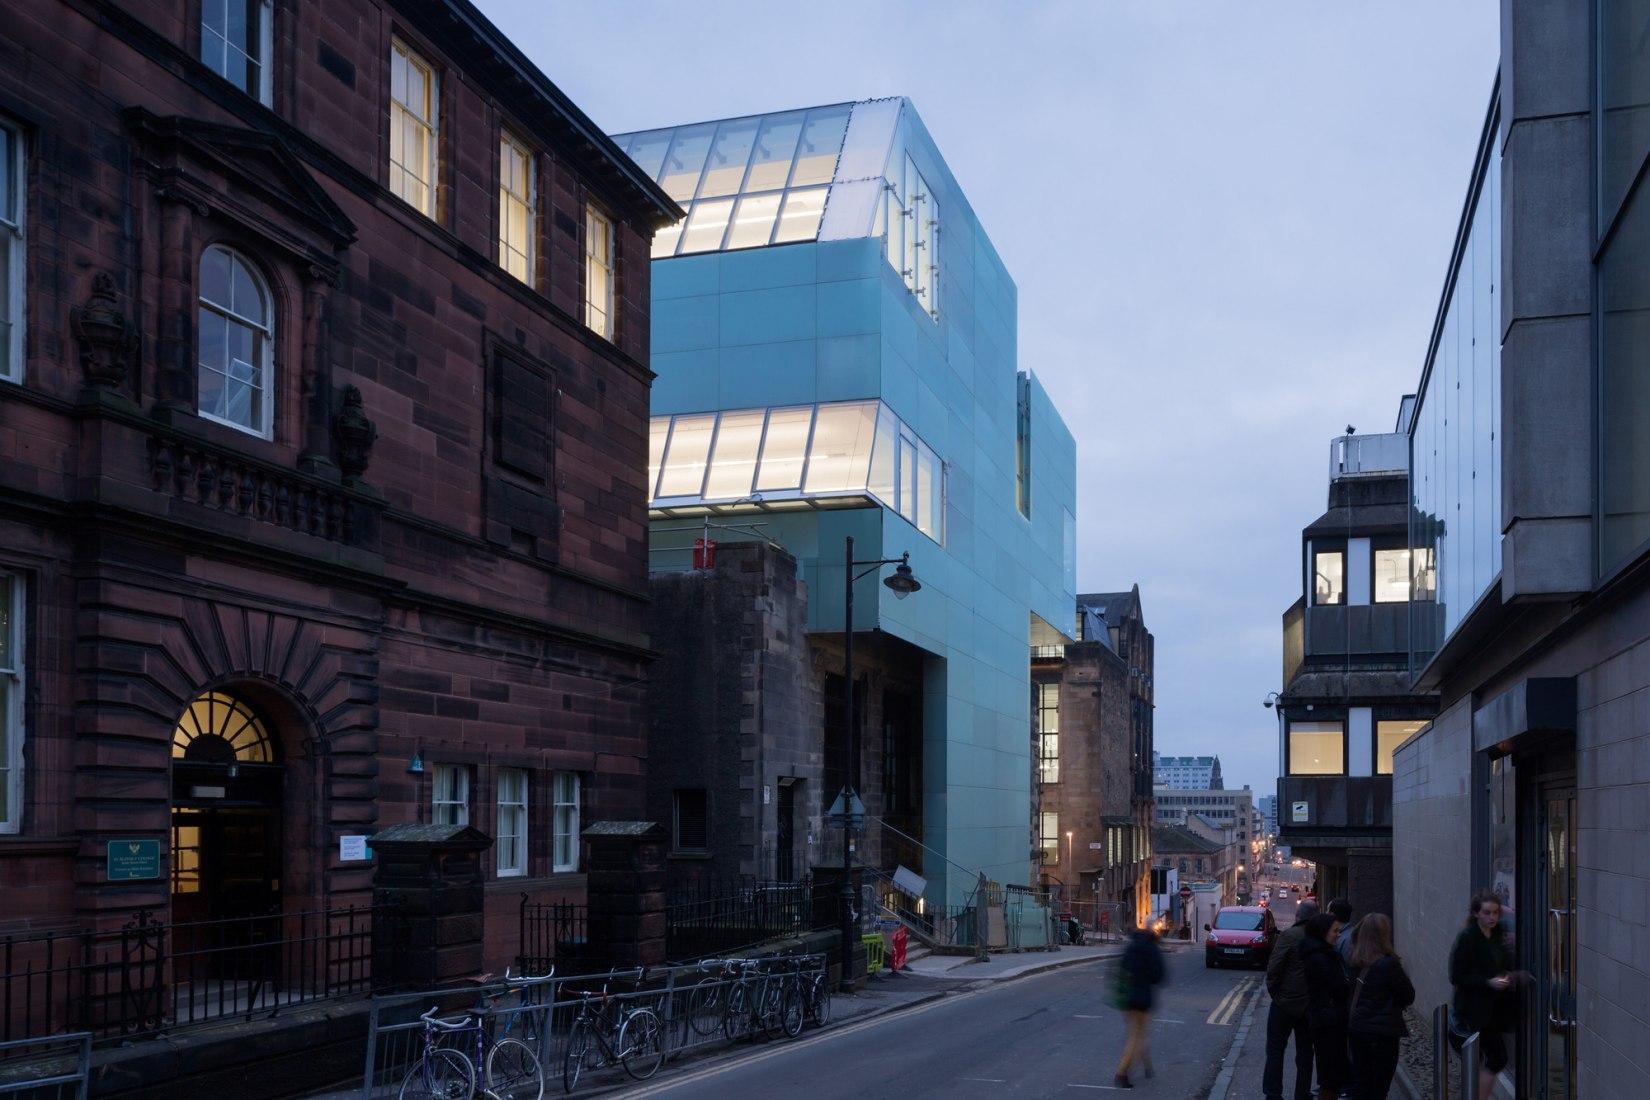 La nueva ampliación del campus de la Escuela de Arte de Glasgow School por Steven Holl Archtiects. Fotografía @ Iwan Baan